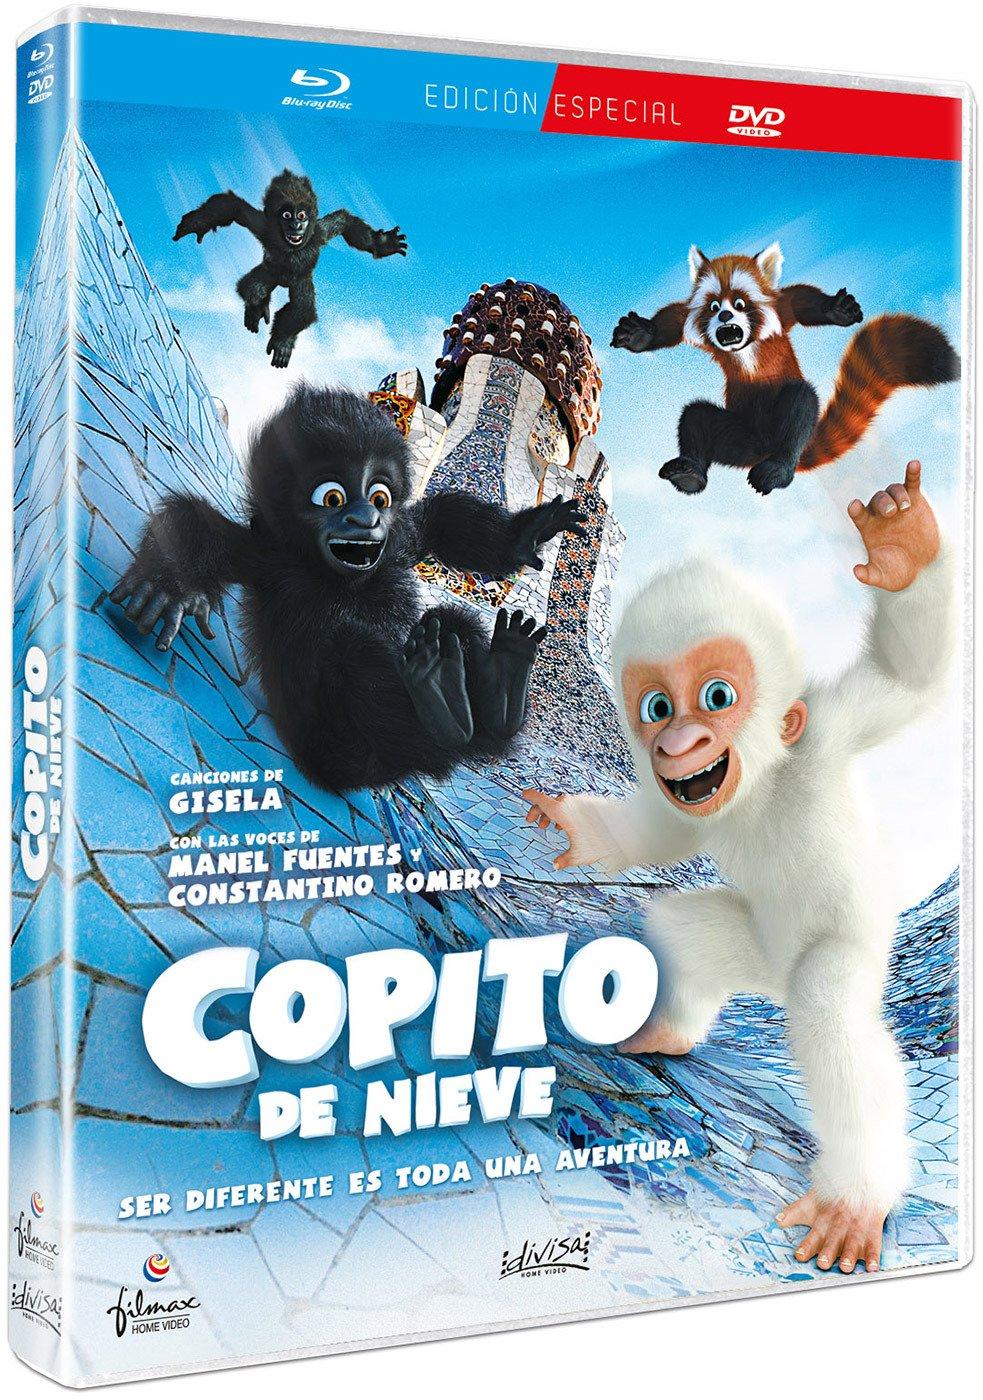 Copito de nieve [Blu-ray]